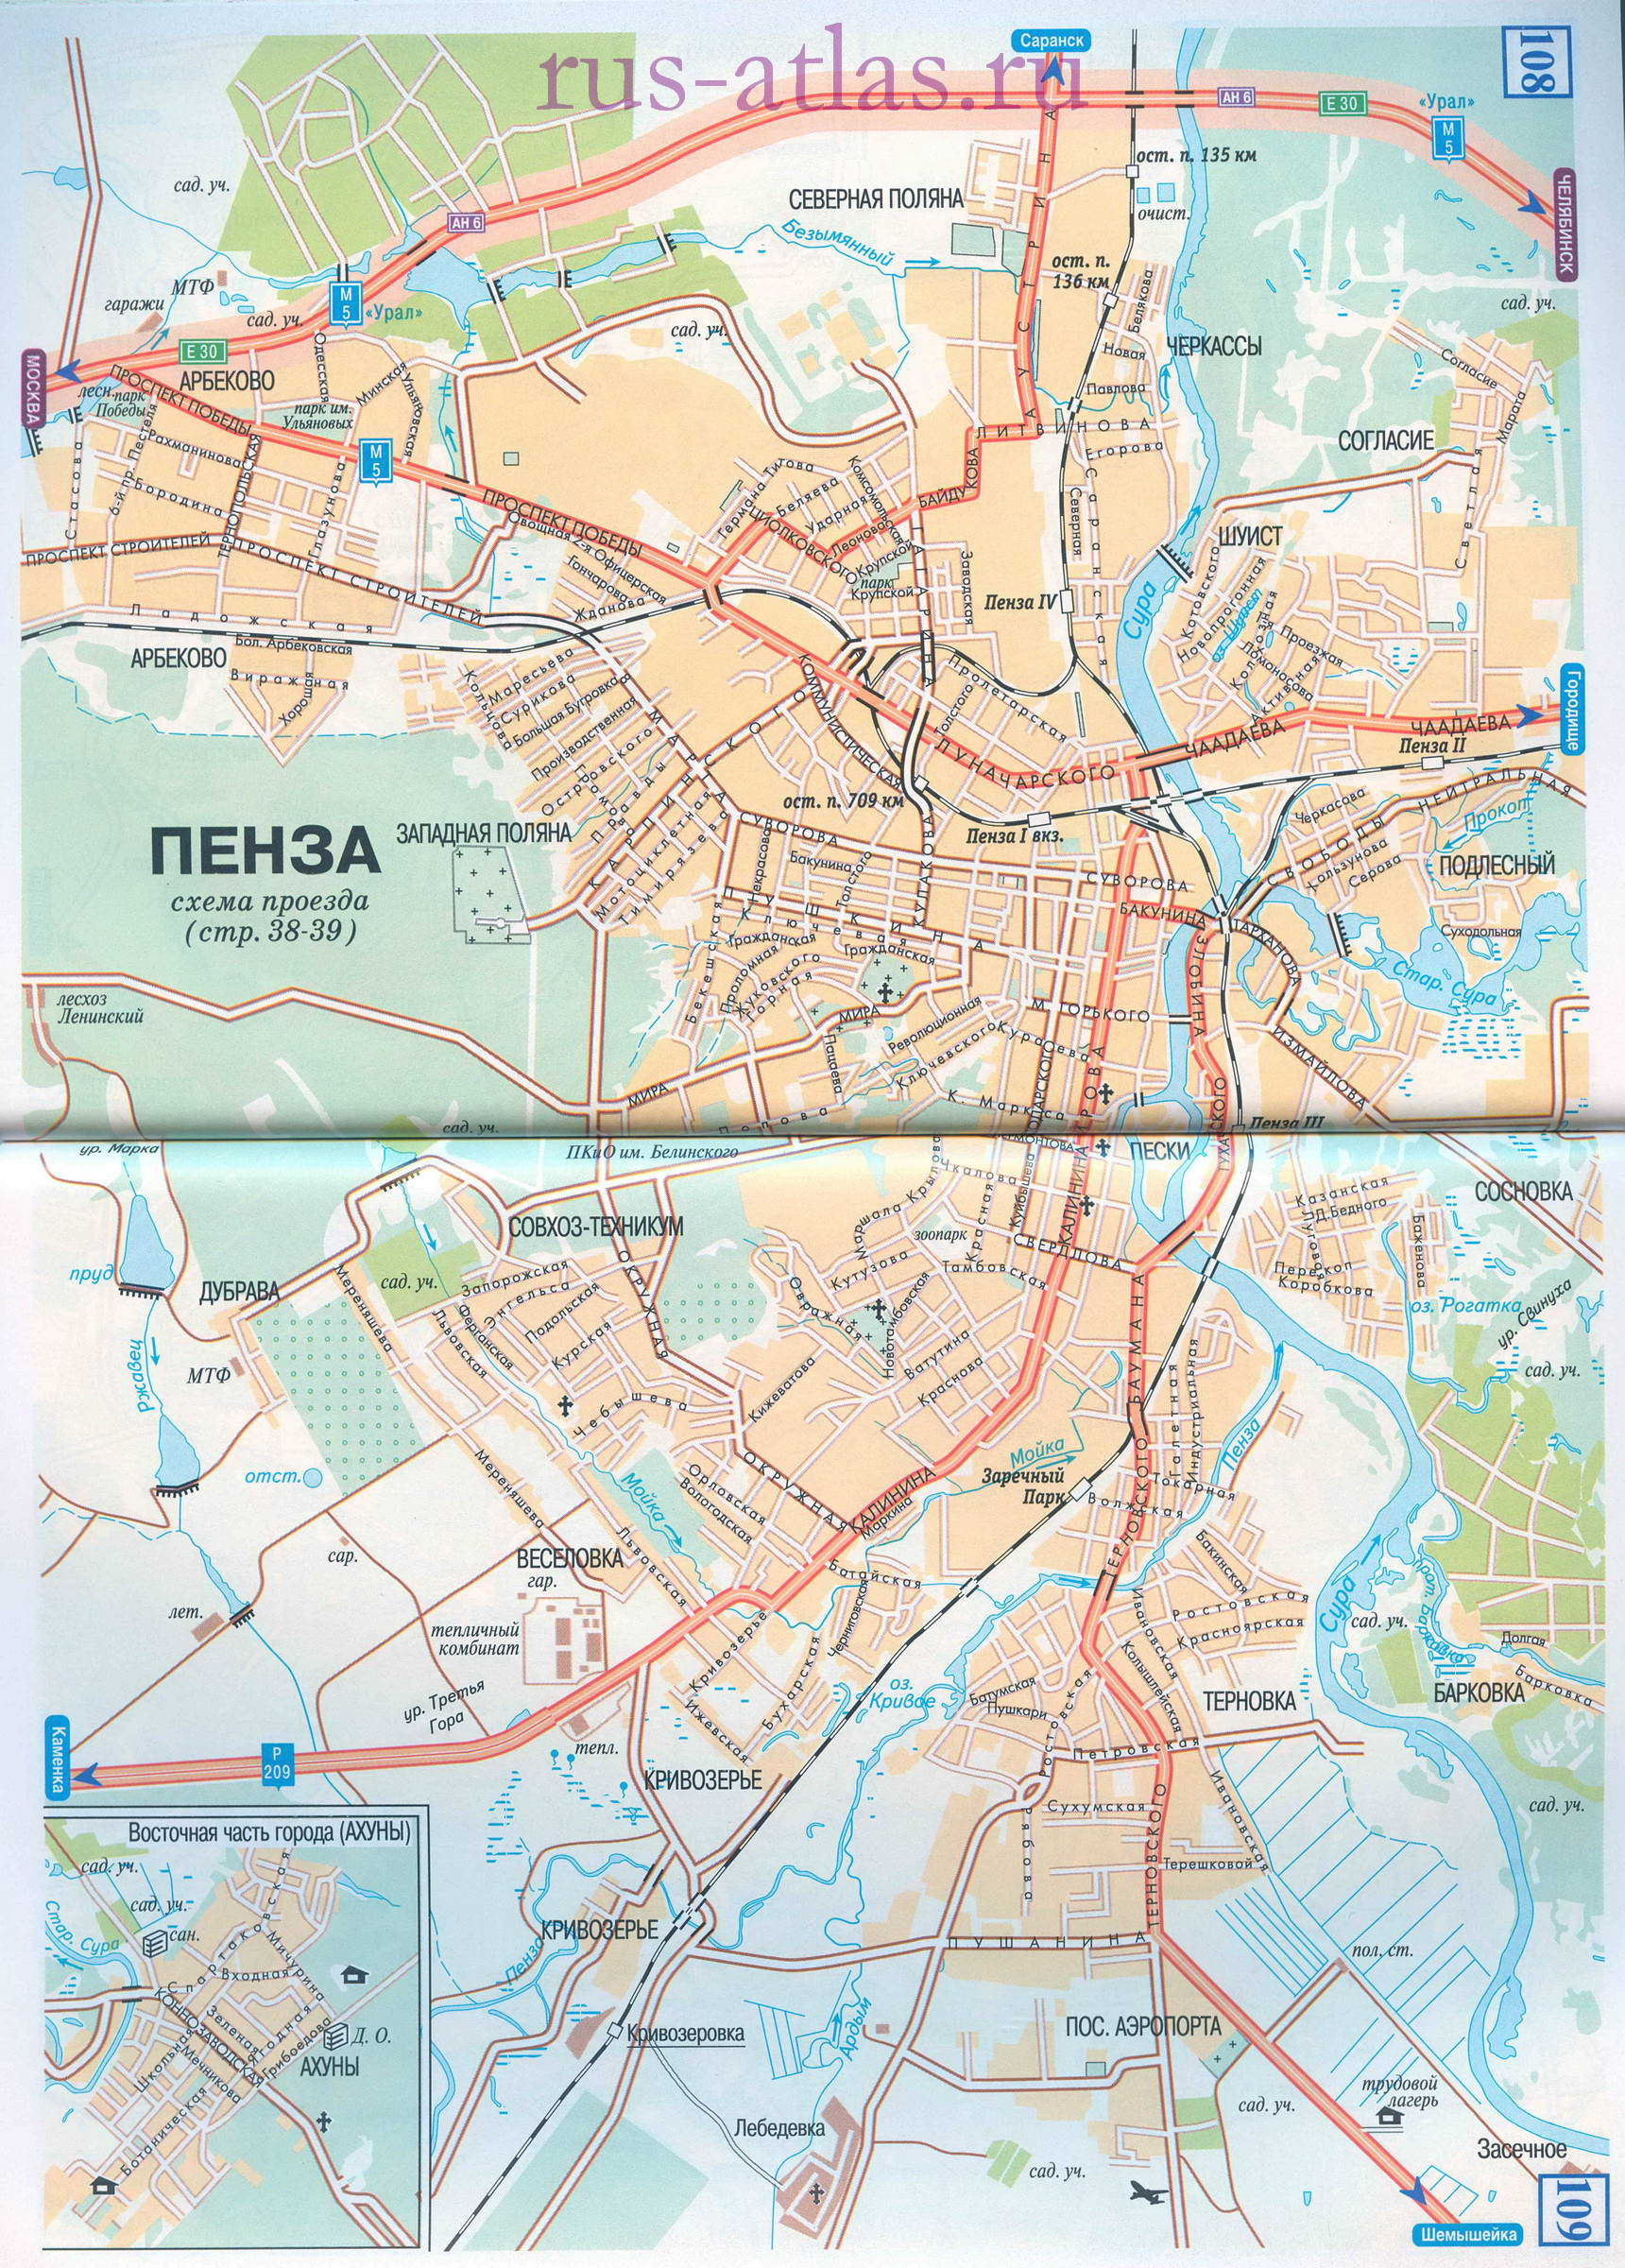 Подробная карта города Пенза с названиями улиц и схемой проезда автомобильного транспорта.